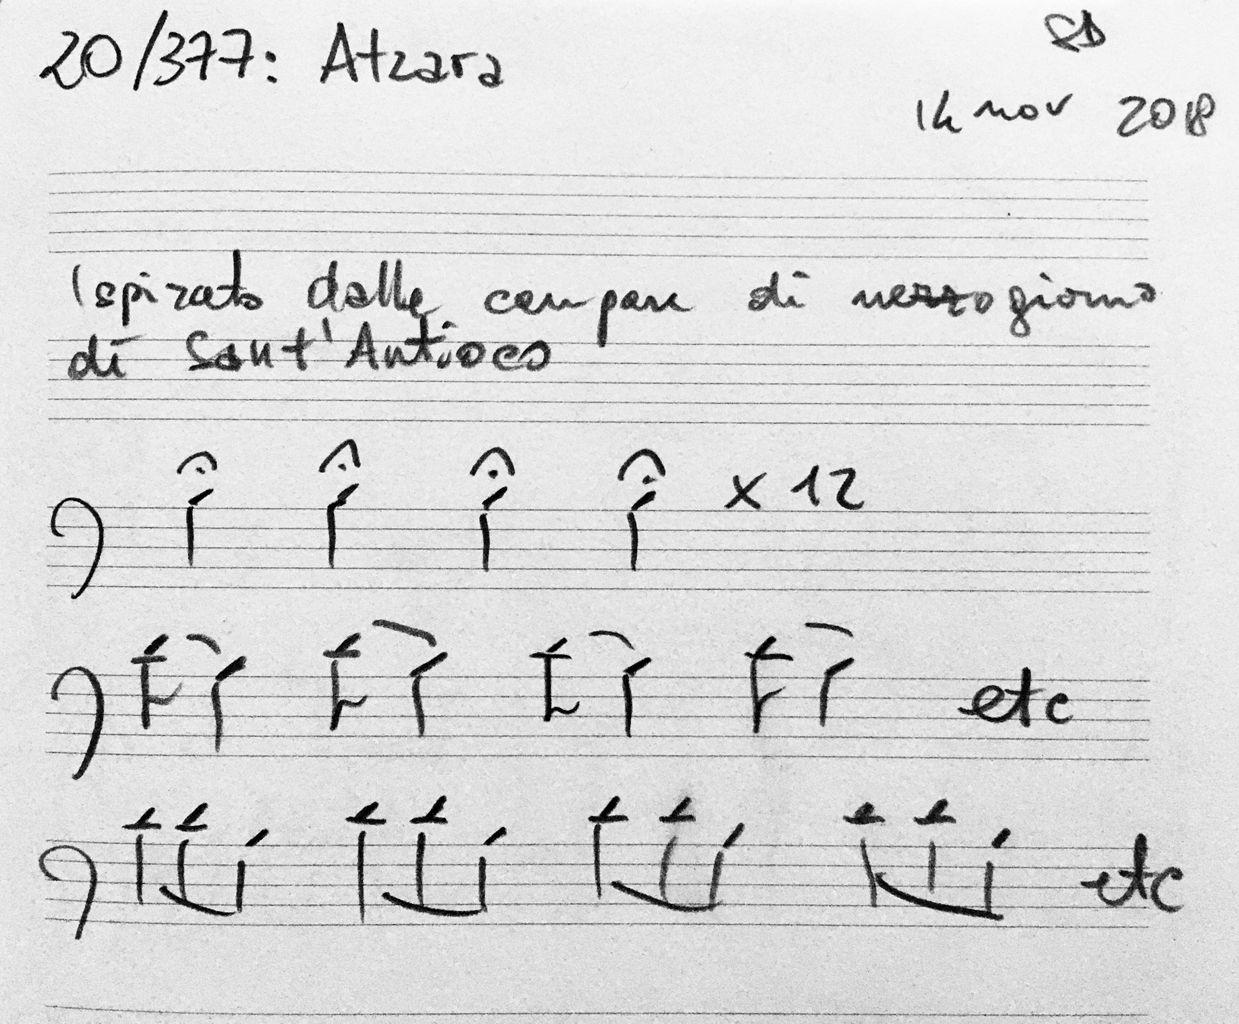 020-Atzara-score